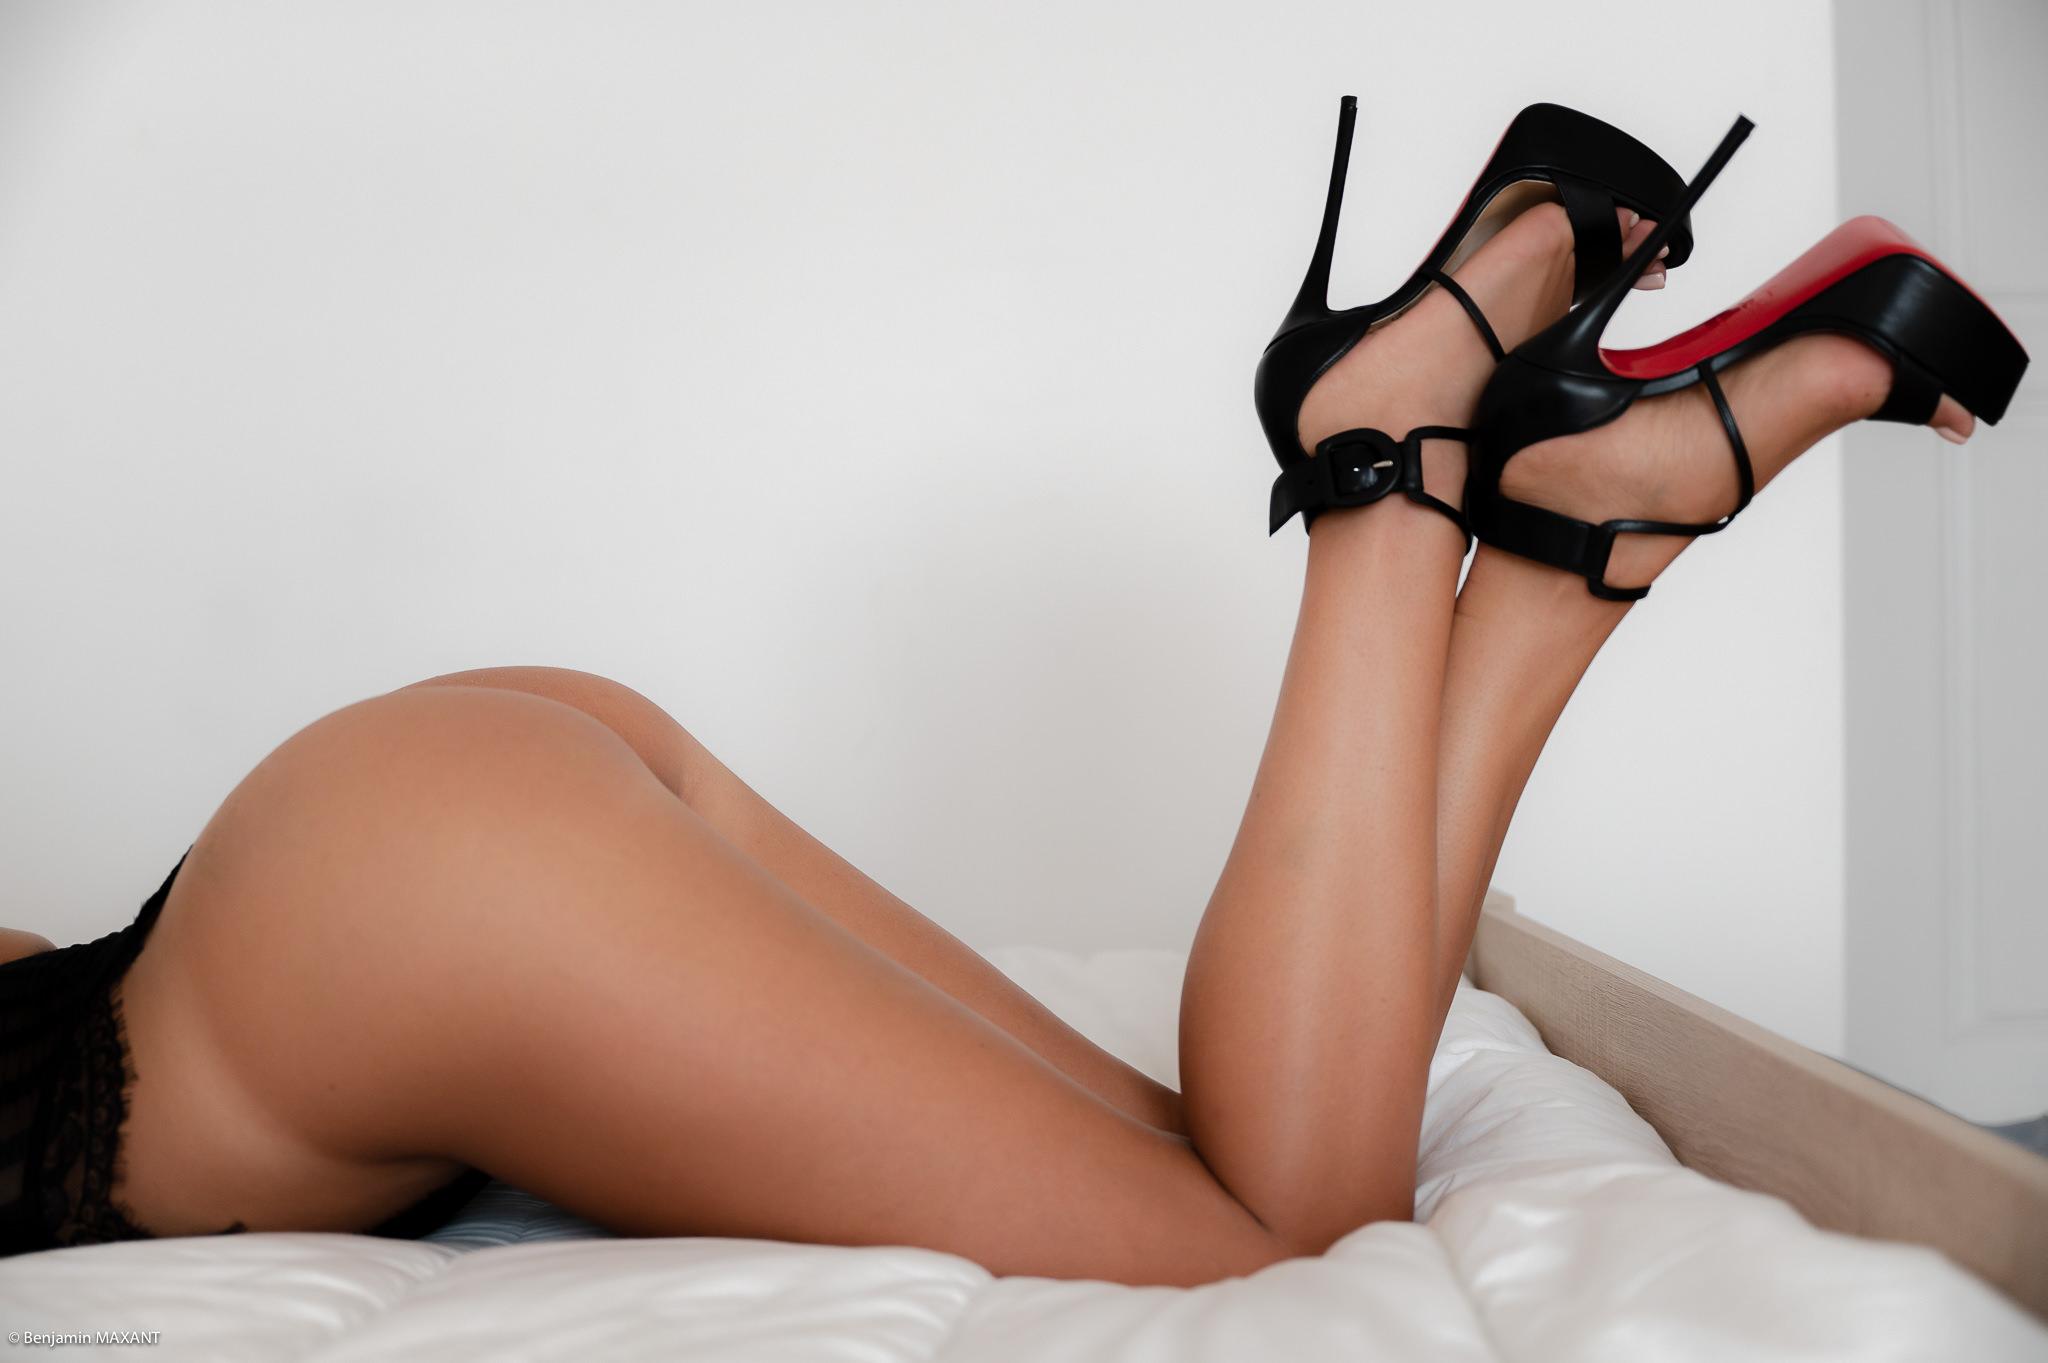 Séance photo érotique Christelle body noir allongée lit cambrée fesses louboutin